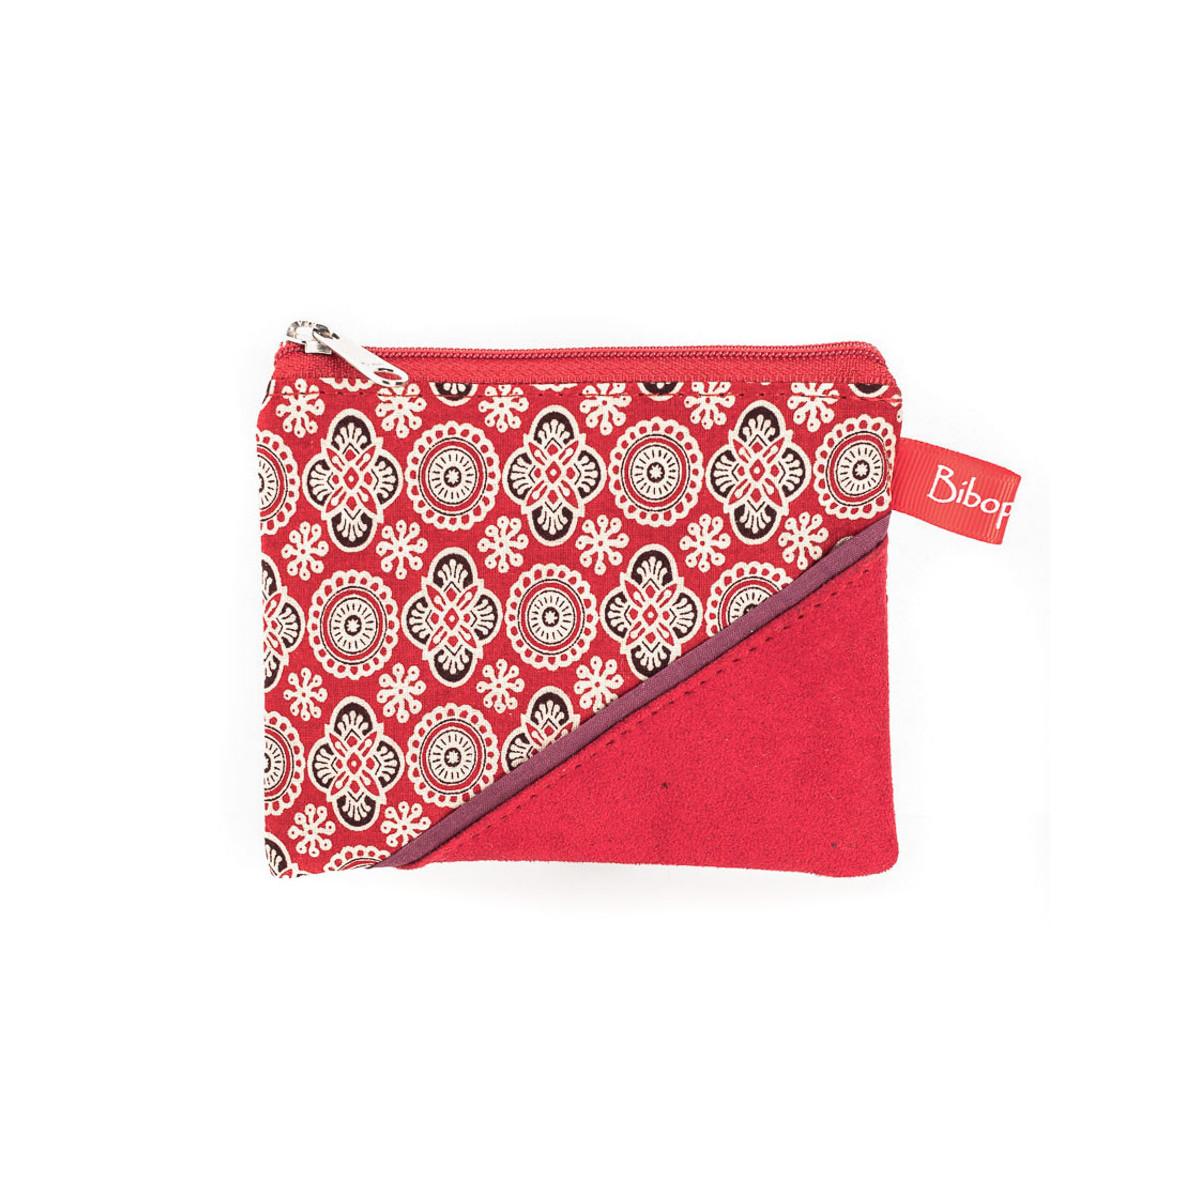 Petit porte-monnaie zippé rouge